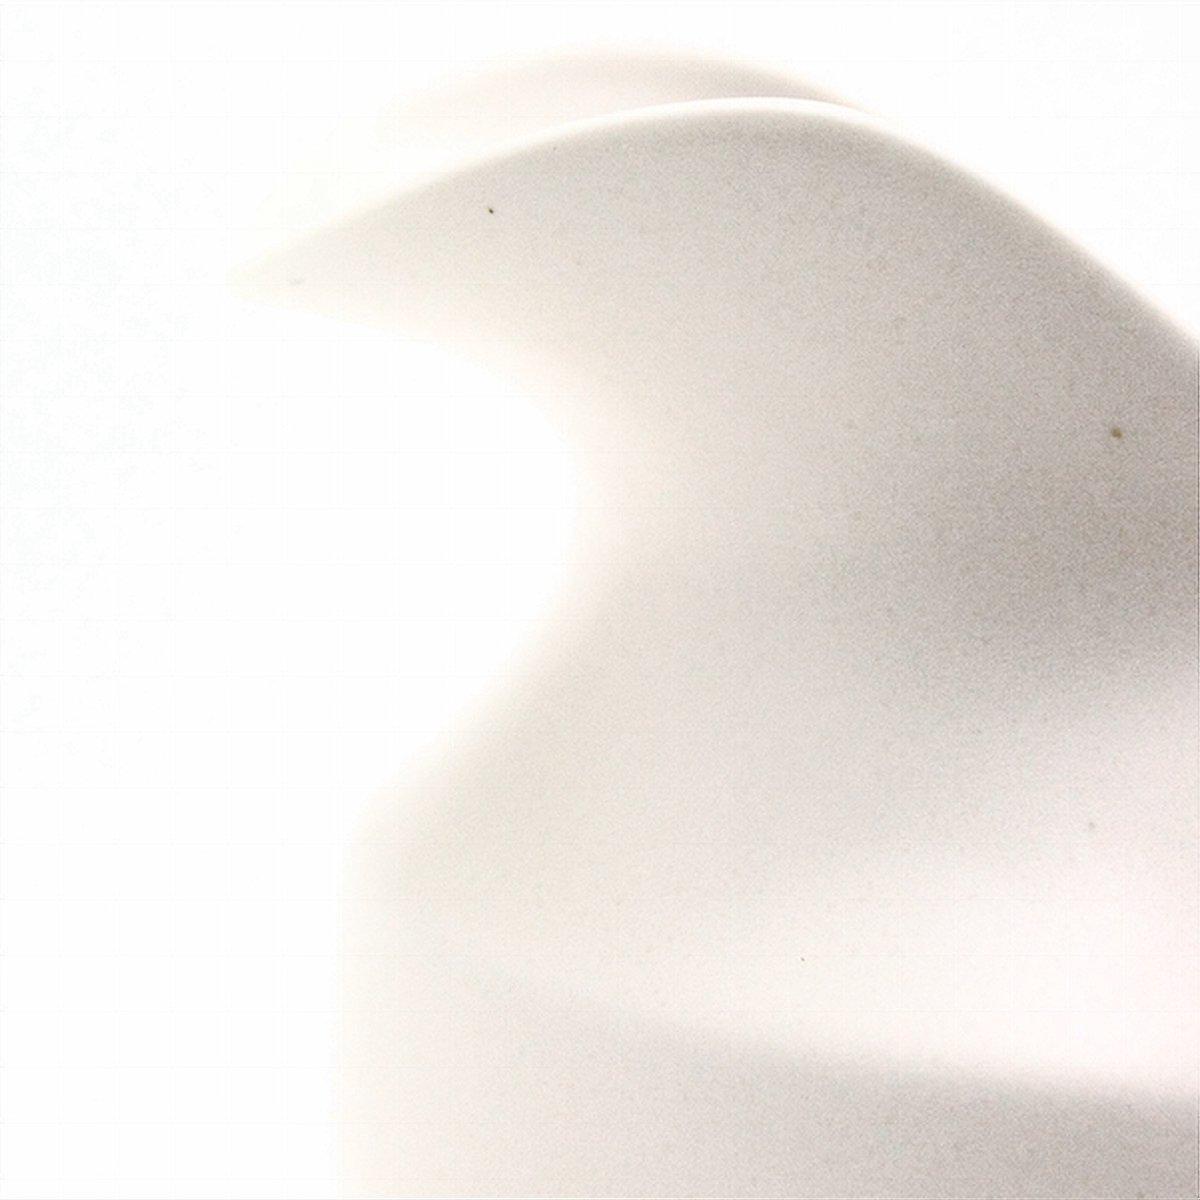 ポット・ドゥ・レ( ミルク)Pot de lait M MILK 詳細画像3